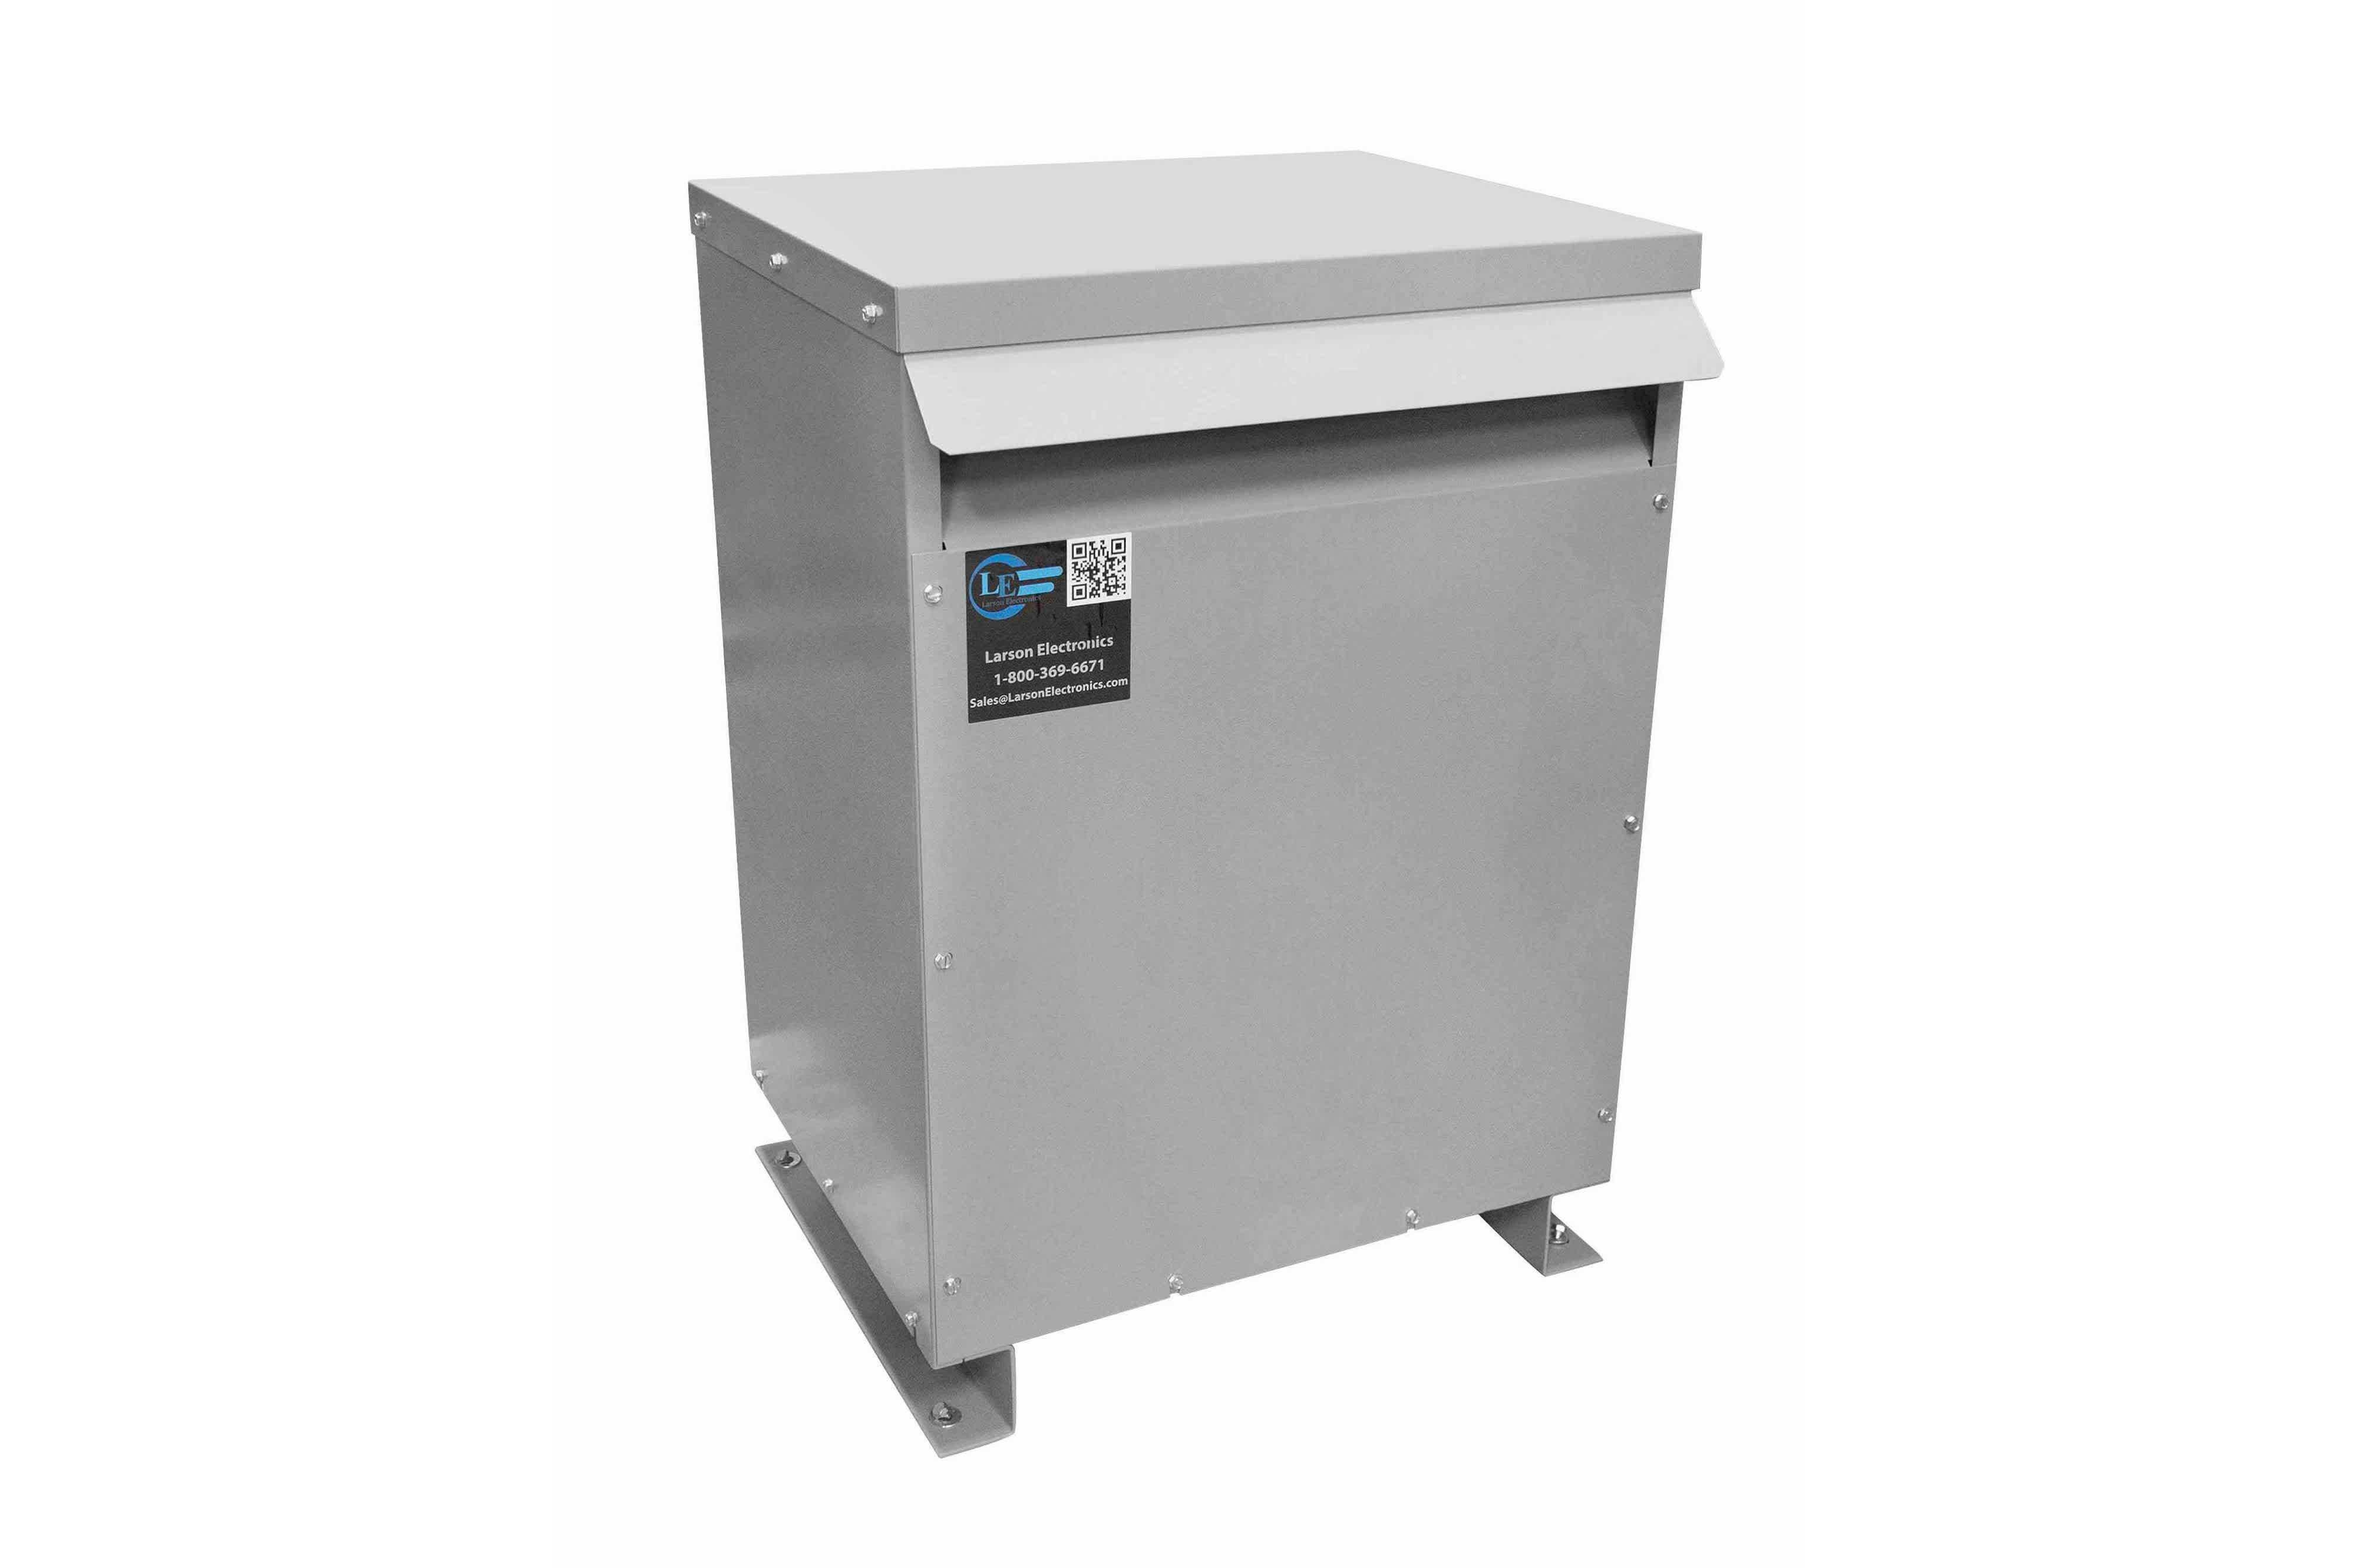 112.5 kVA 3PH Isolation Transformer, 240V Delta Primary, 415V Delta Secondary, N3R, Ventilated, 60 Hz